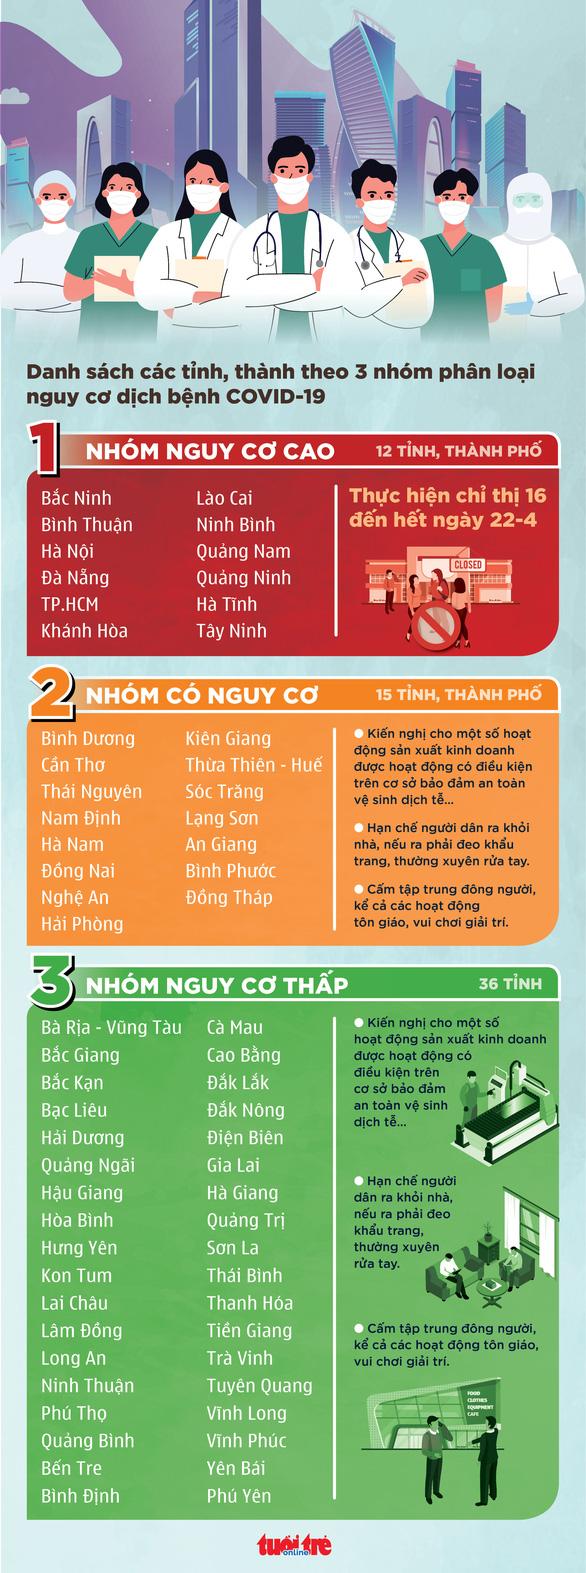 TP.HCM, Hà Nội và một số địa phương cách ly xã hội đến 22-4 - Ảnh 2.